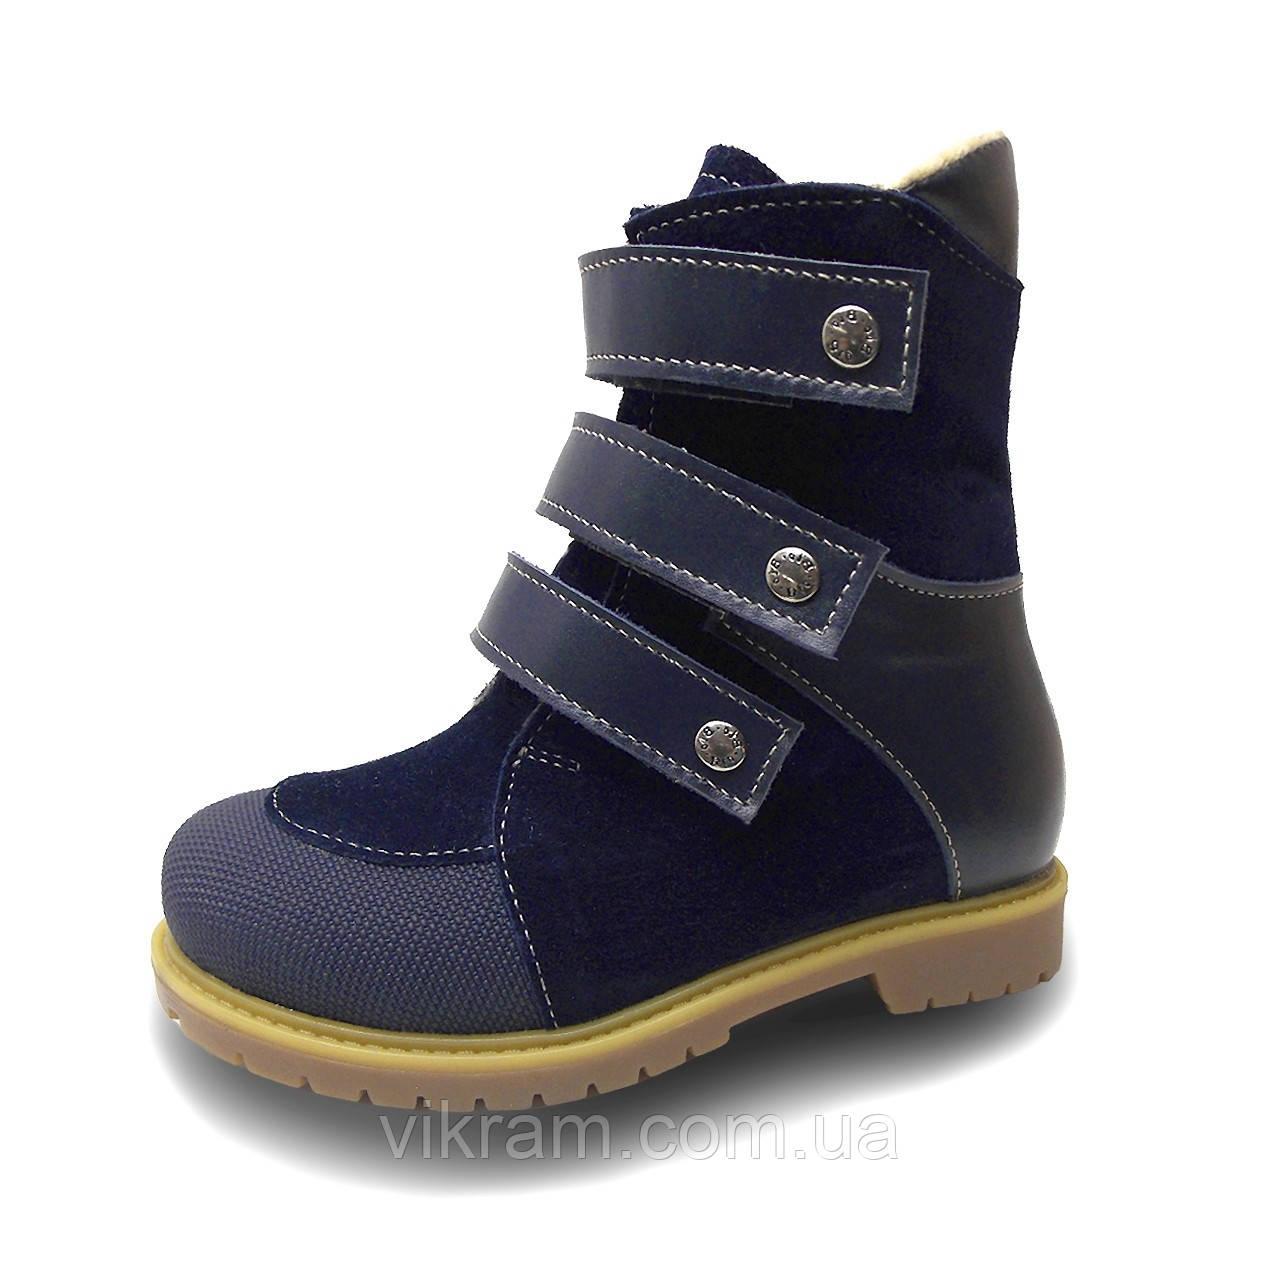 Ортопедические зимние ботинки с непромокаемым носиком ФИШКА 2 синие